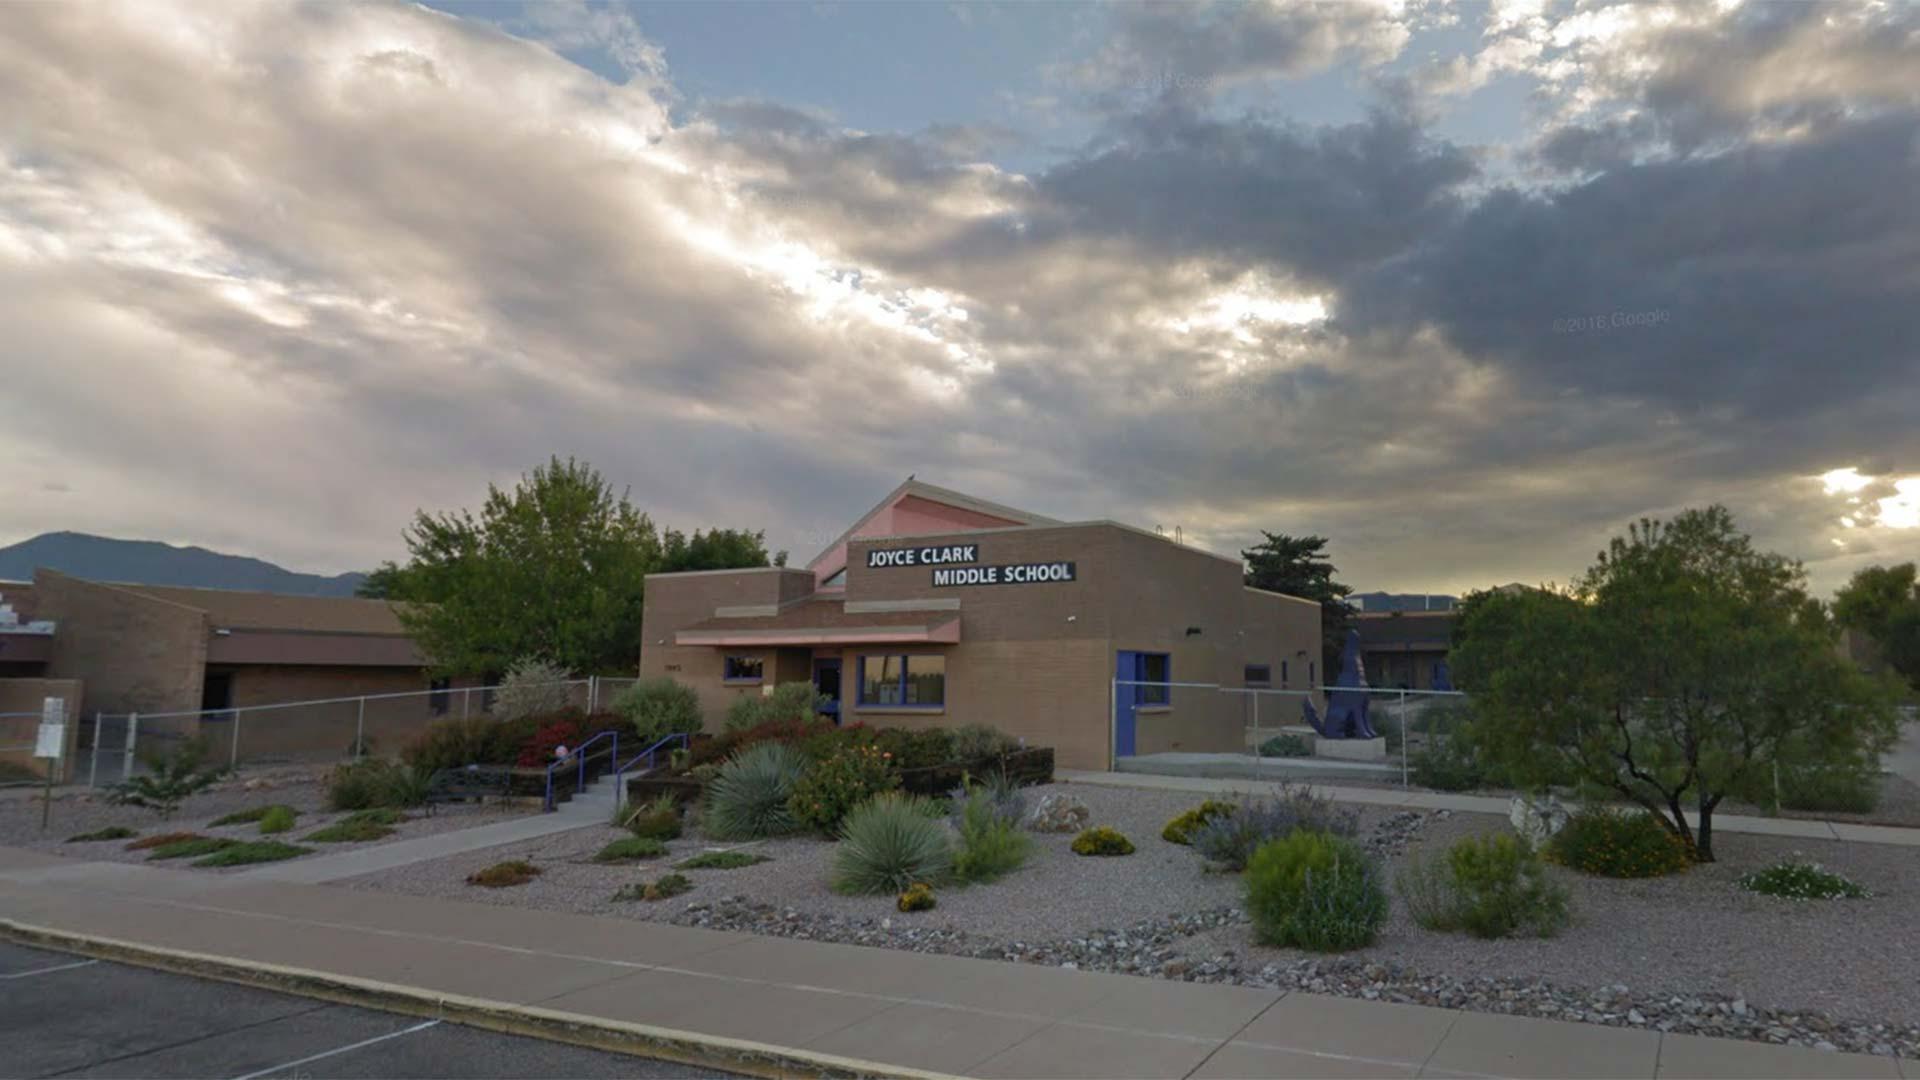 A Google Street View image of Joyce Clark Middle School in Sierra Vista.